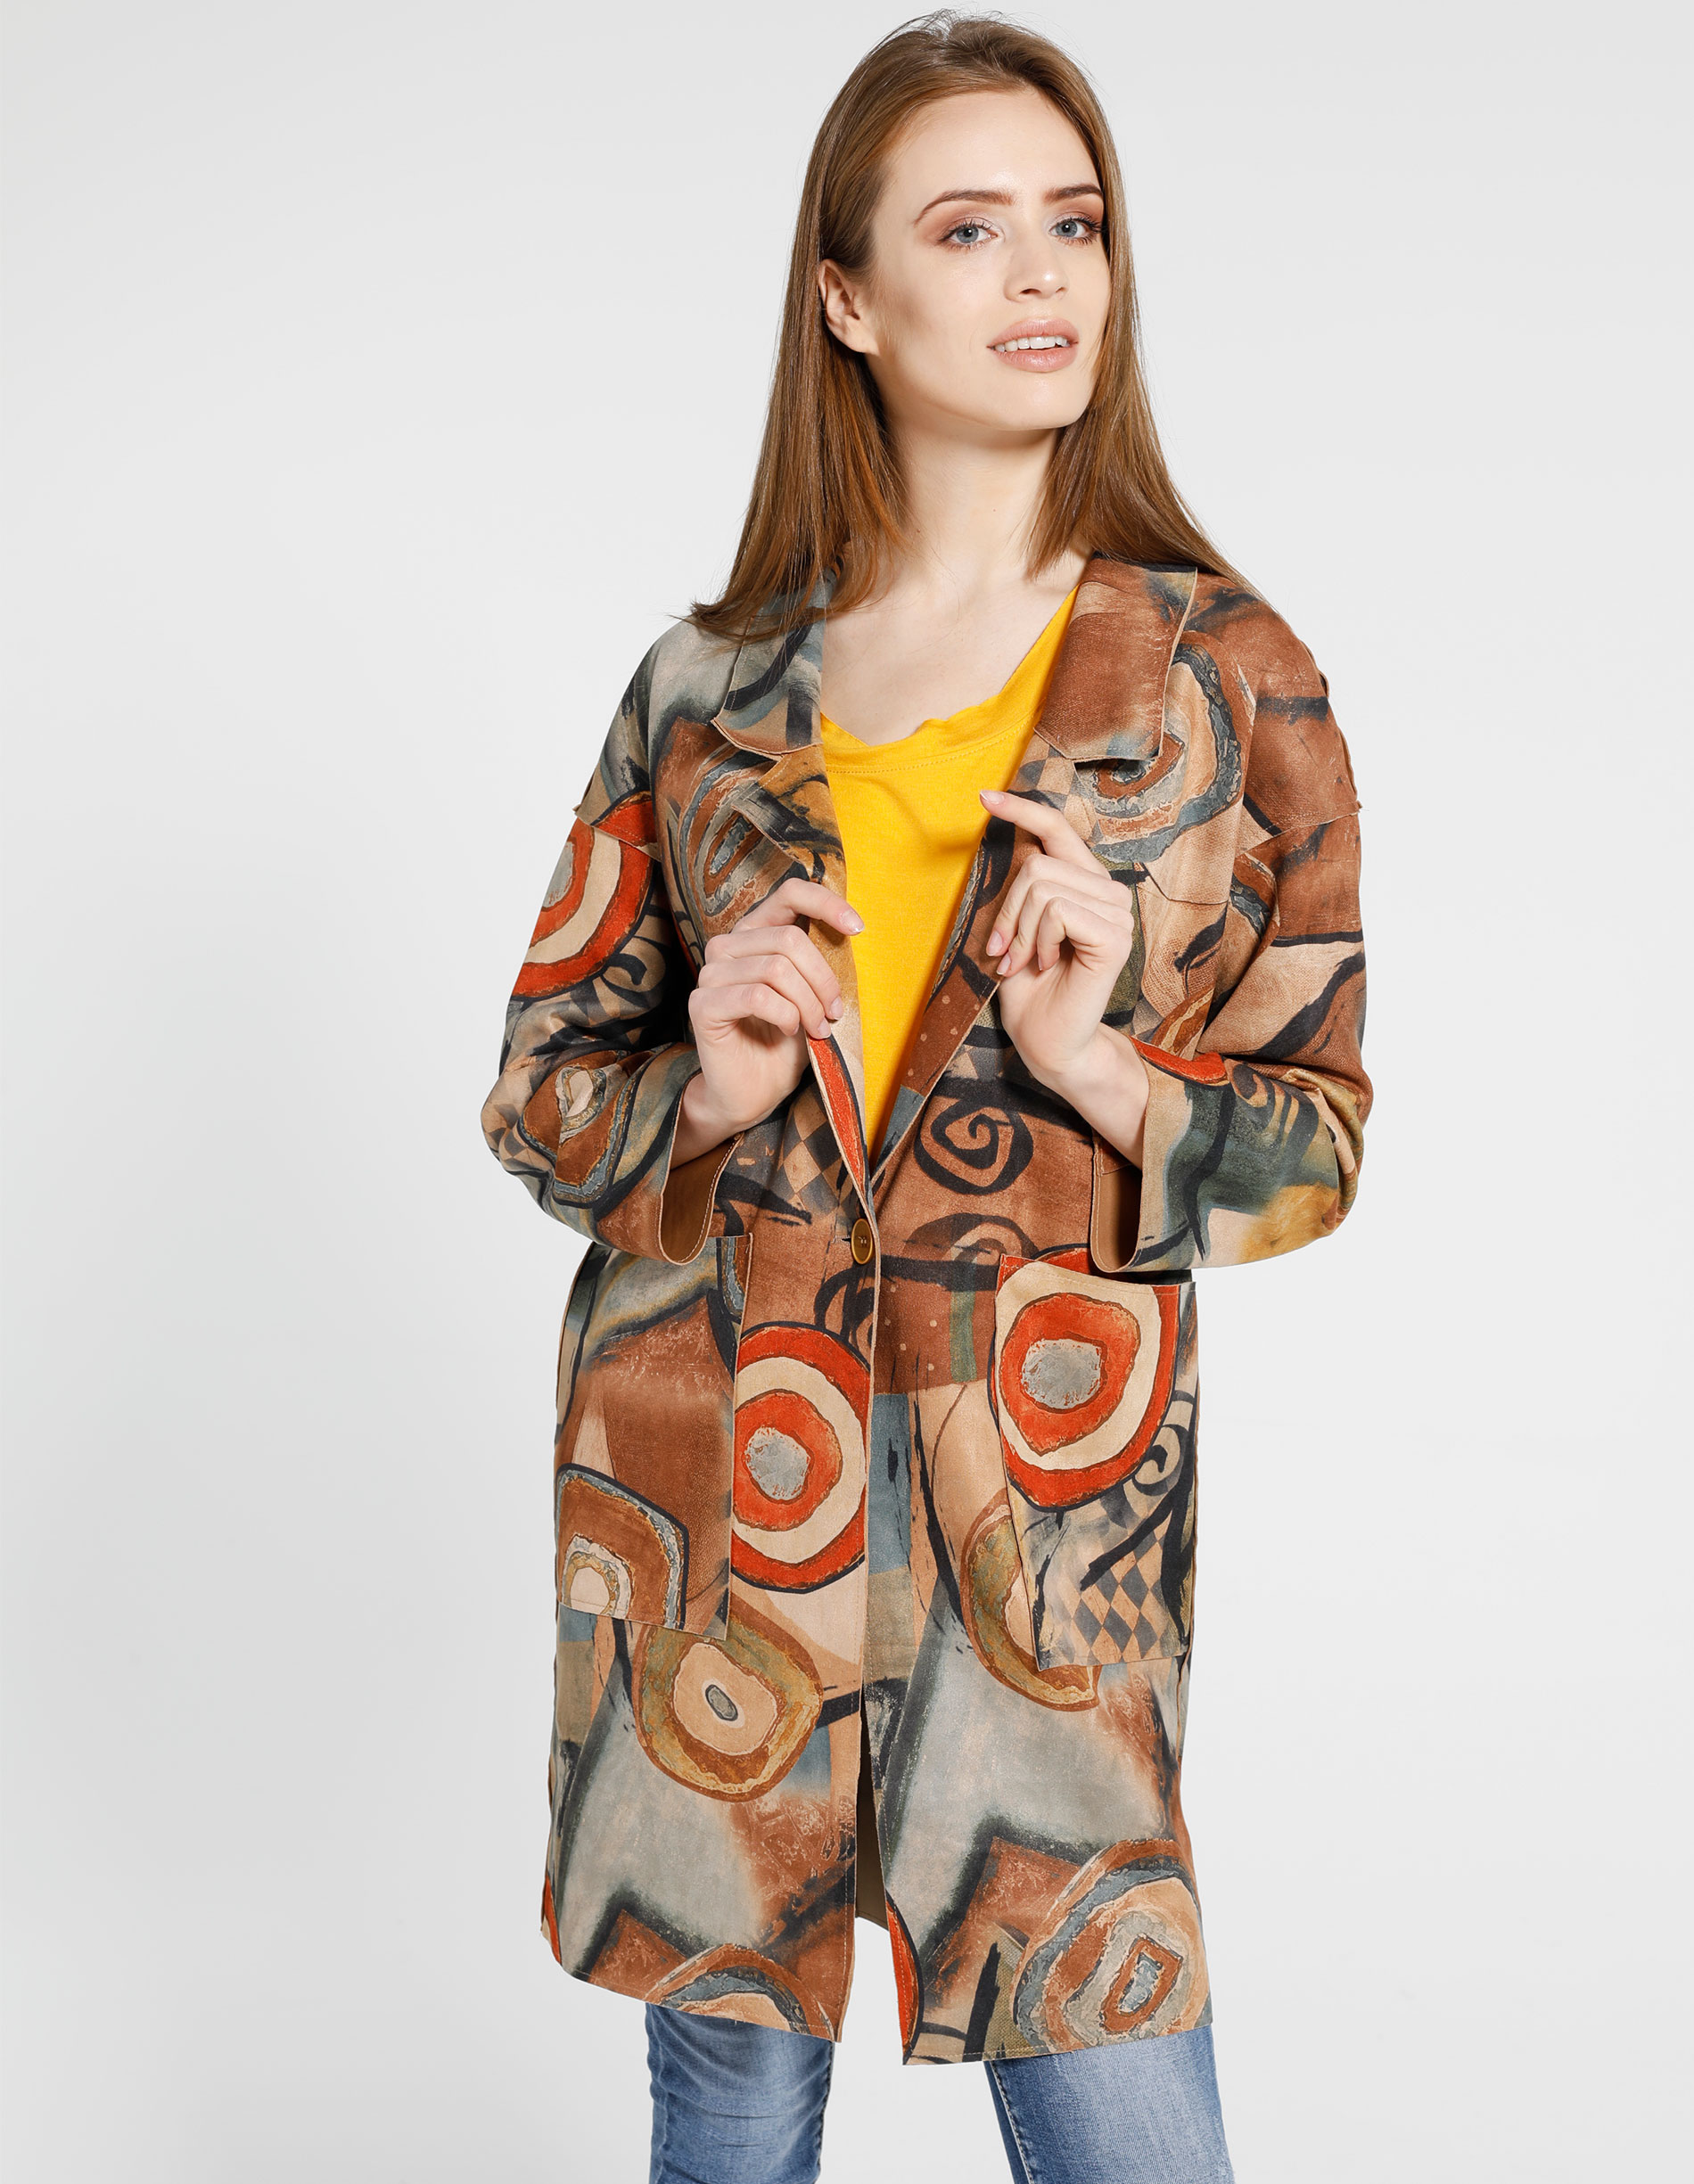 Płaszcz materiałowy - 88-251602 CAM - Unisono